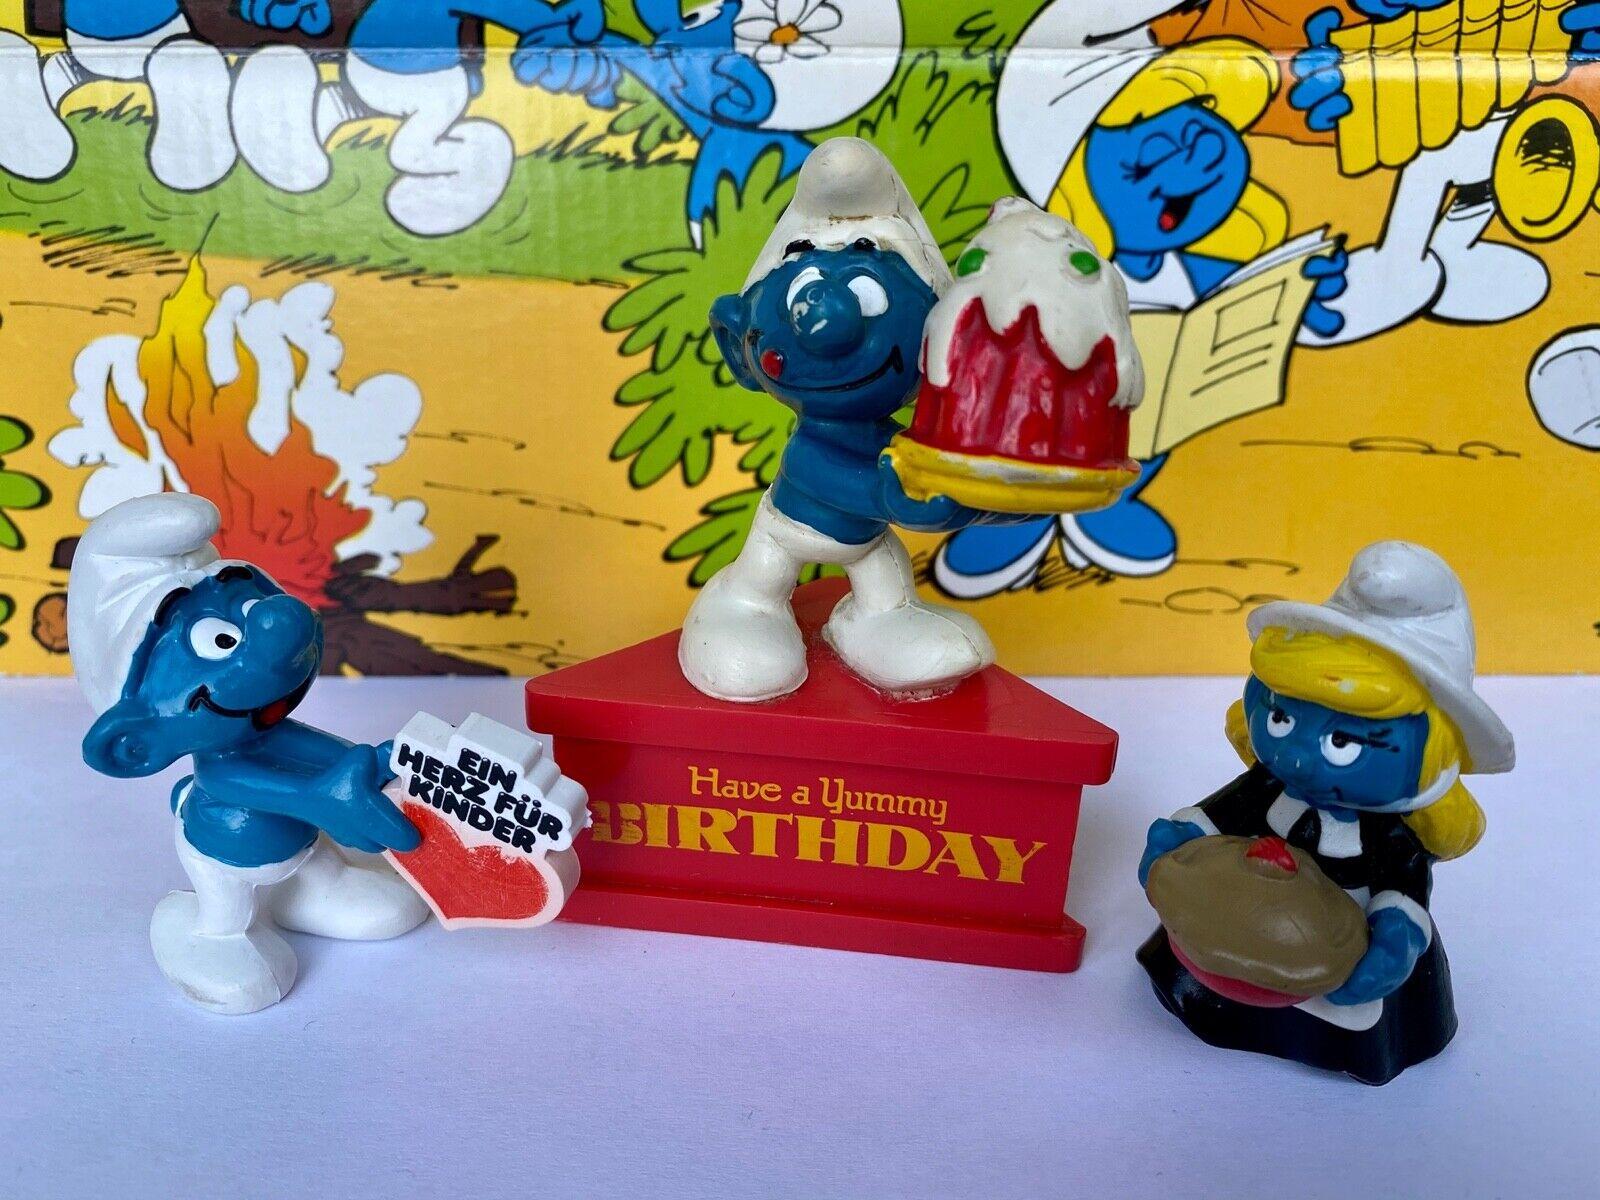 Vintage Smurfs Thanksgiving Pie Birthday Cake Heart For Children Schleich Peyo Ebay